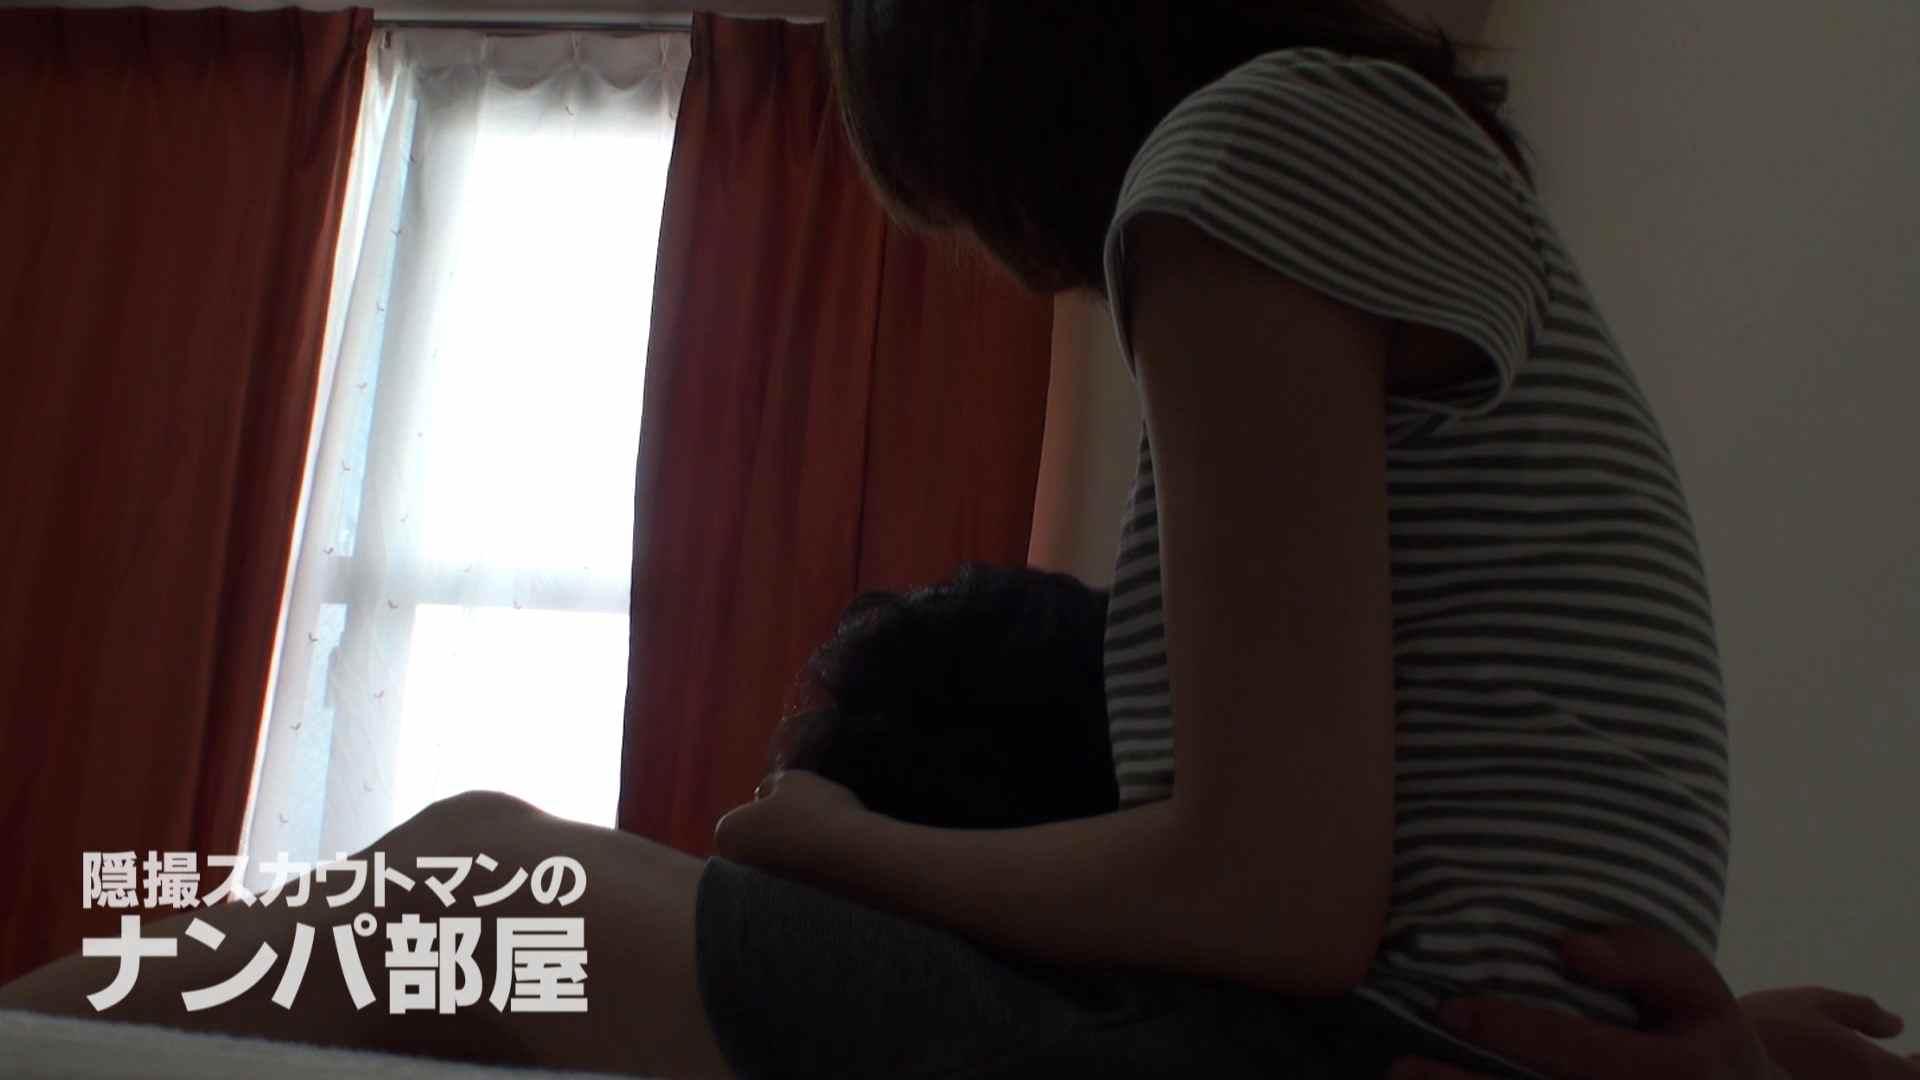 隠撮スカウトマンのナンパ部屋~風俗デビュー前のつまみ食い~ siivol.3 OLのエッチ ワレメ動画紹介 76pic 38